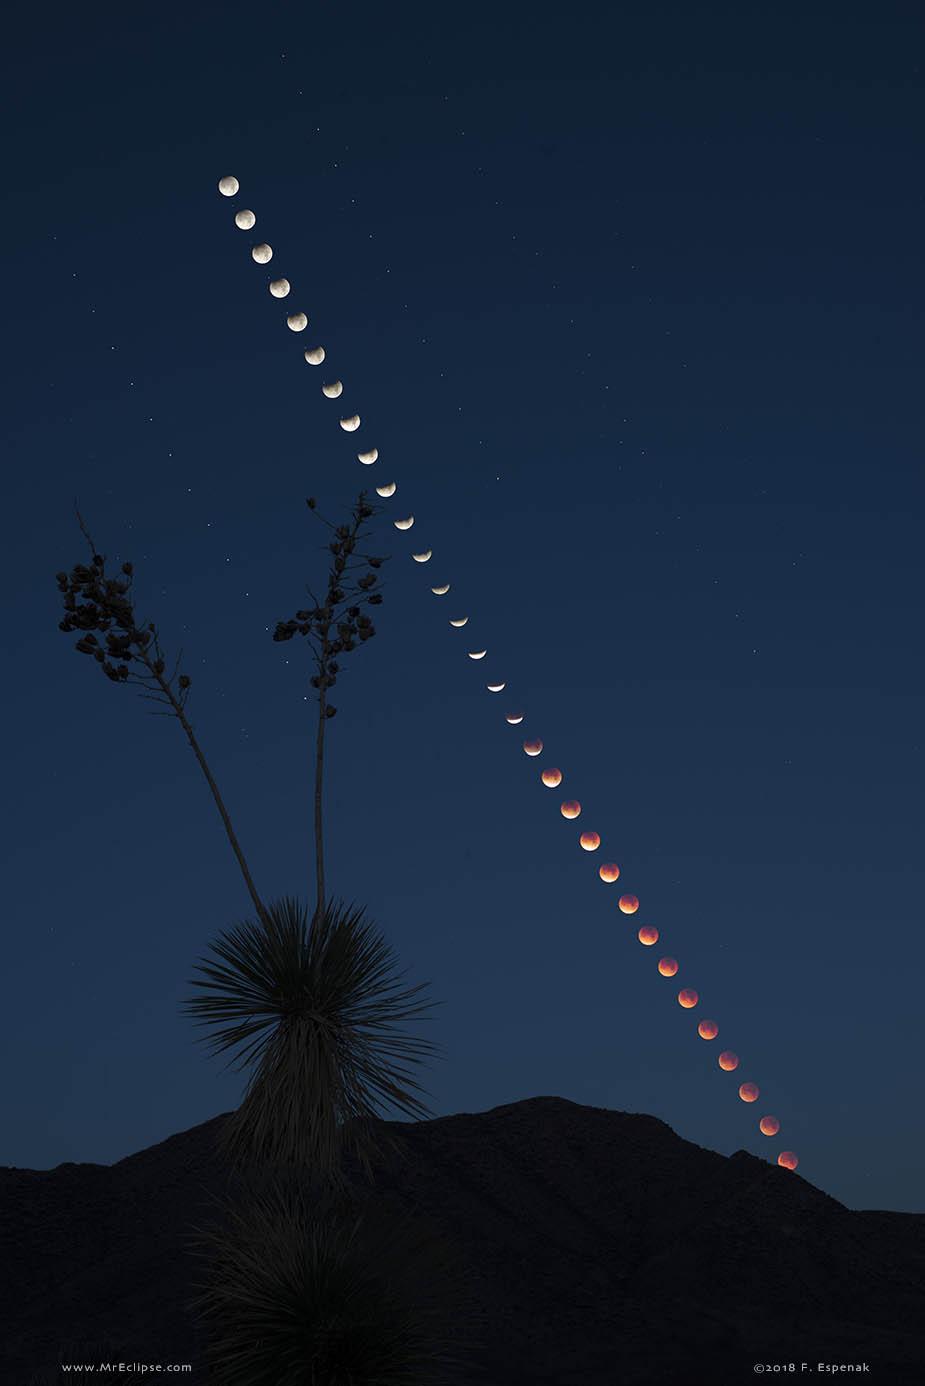 Éclipse lunaire totale au coucher de la Lune